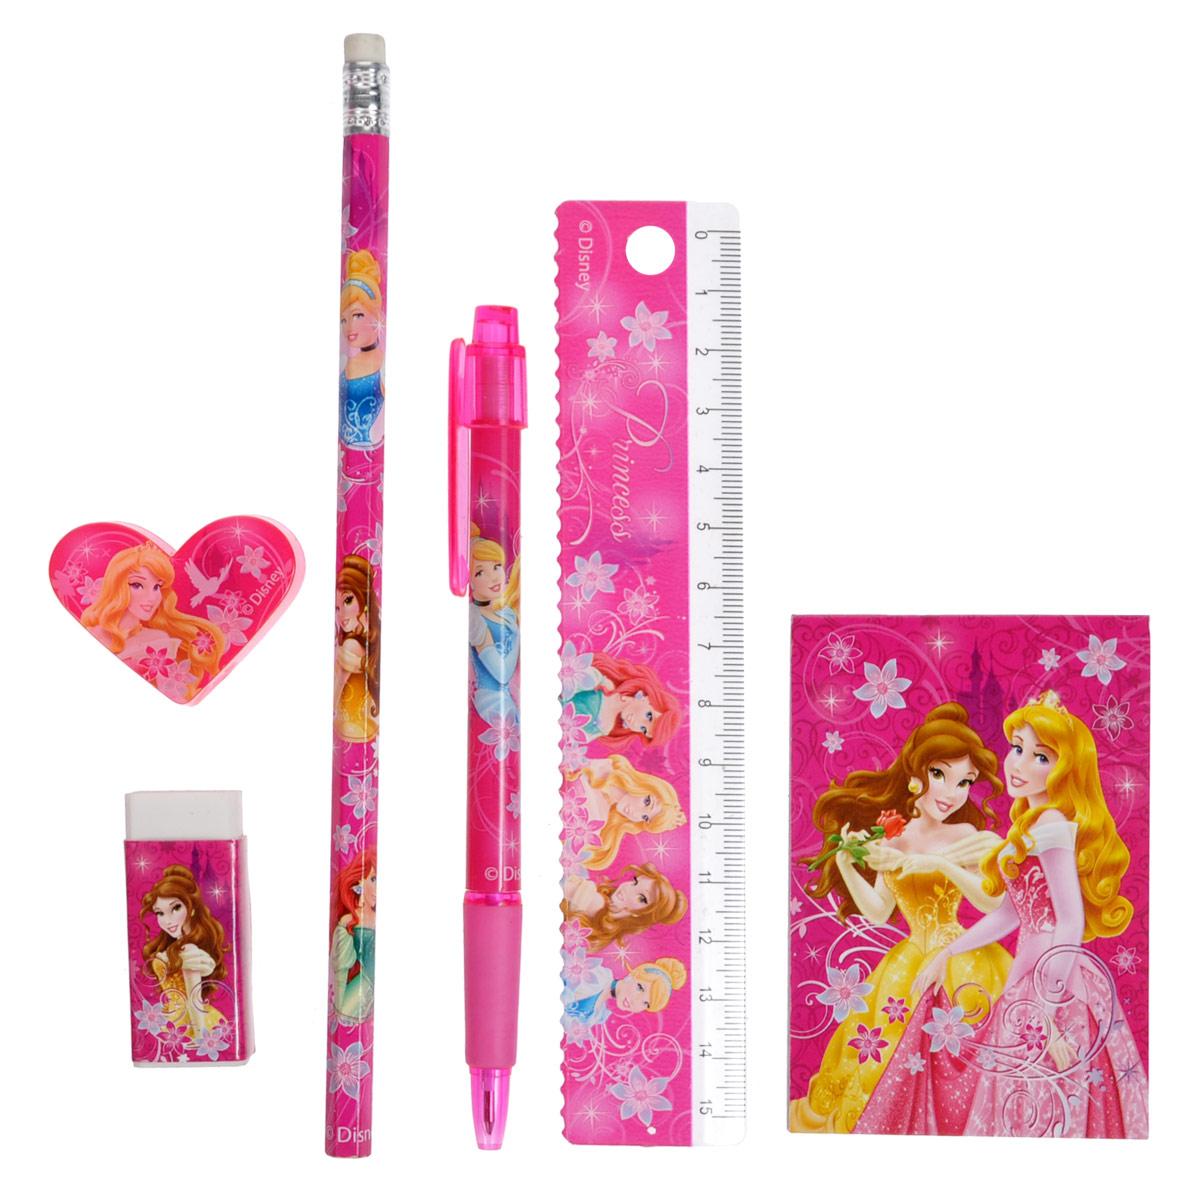 Канцелярский набор Princess, 7 предметовPRAB-US1-75409-HКанцелярский набор Princess станет незаменимым атрибутом в учебе любой школьницы.Он включает в себя пластиковый пенал, чернографитный карандаш с ластиком, автоматическую ручку, ластик, точилку, пластиковую линейку 15 см и небольшой блокнотик. Пенал снабжен поднимающейся подставкой для пишущих принадлежностей. Он раскрывается в центре, секции разворачиваются, и пенал можно использовать в качестве стакана для канцелярских принадлежностей.Ручка снабжена прорезиненной вставкой в области захвата, подача стержня производится путем нажатия на кнопку в верхней части ручки. Блокнотик снабжен картонной обложкой, внутренний блок содержит листы с печатью. Все предметы набора оформлены изображениями диснеевских принцесс Золушки, Белль, Ариэль и Авроры.